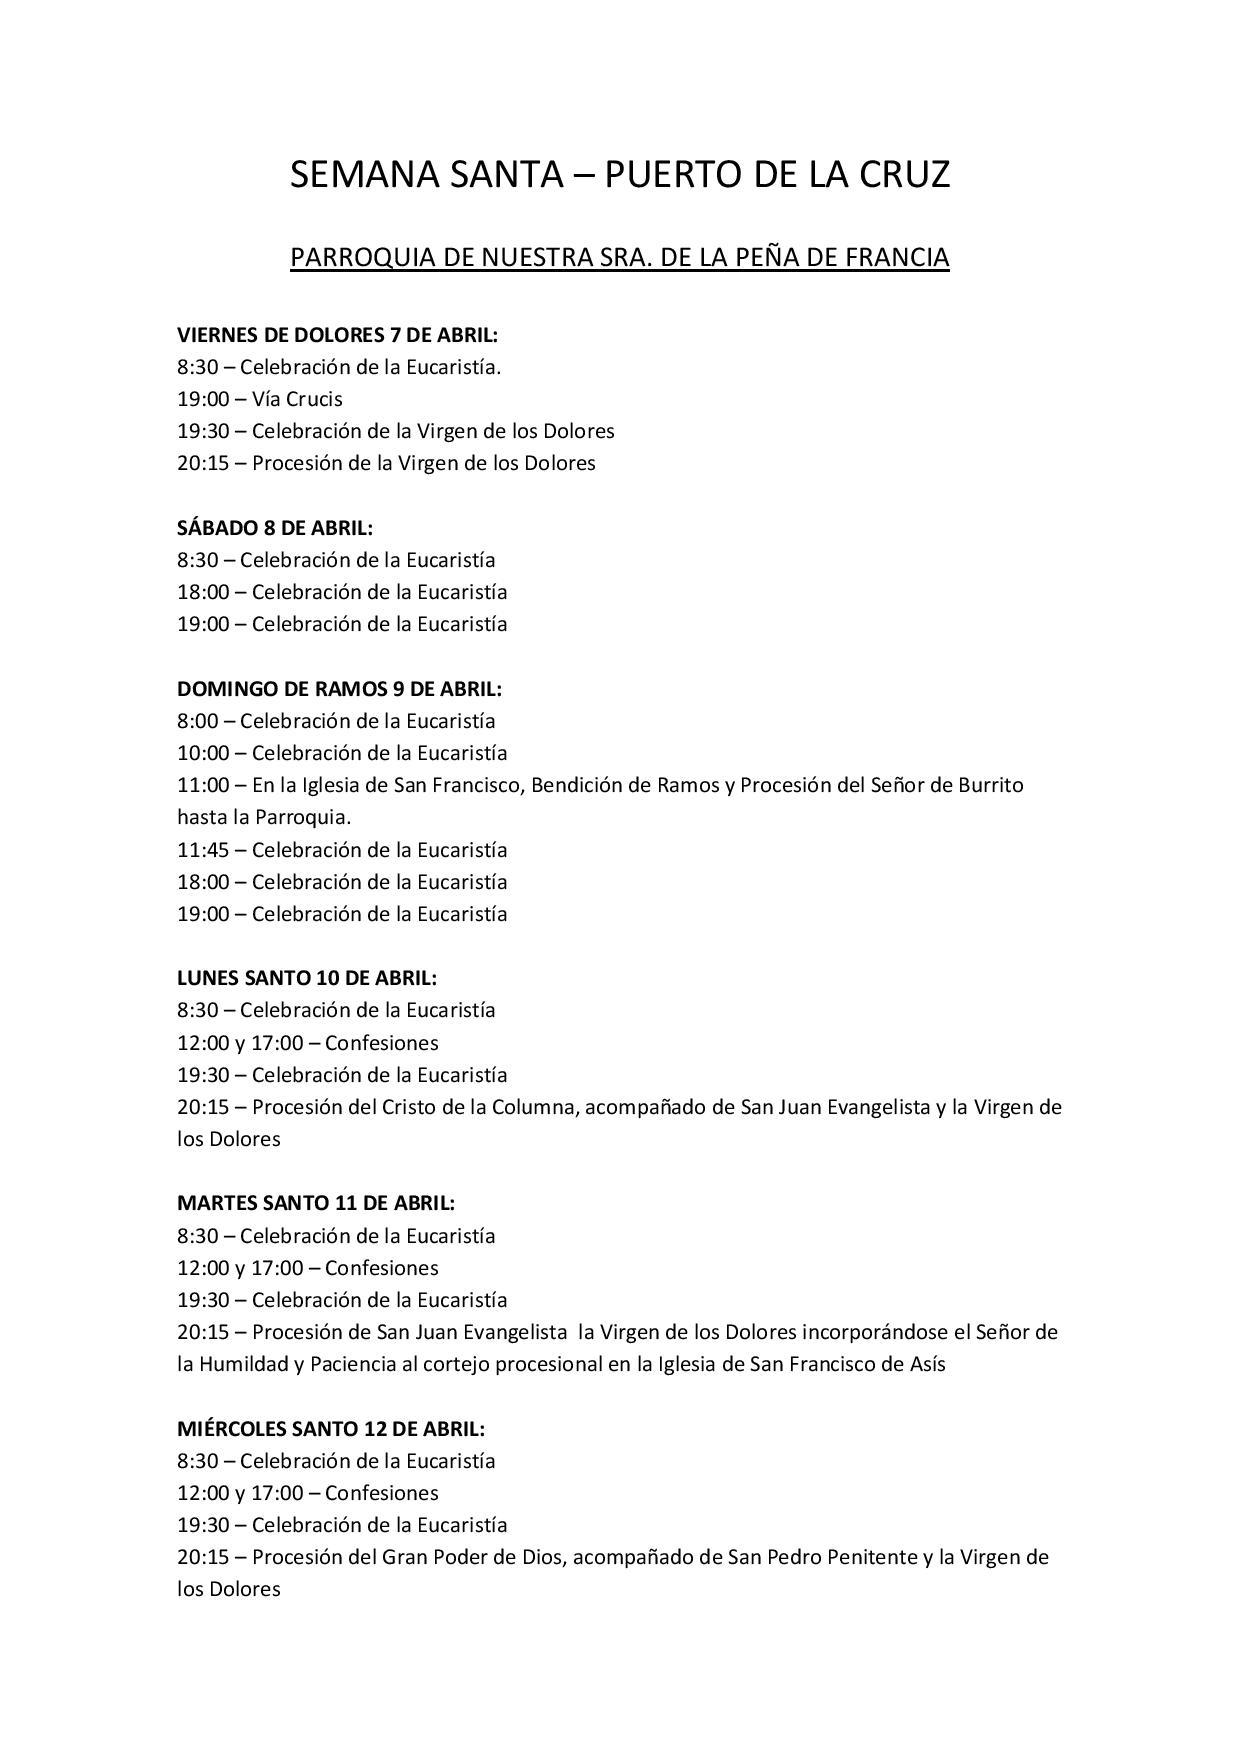 ACTOS-DE-SEMANA-SANTA-page-001